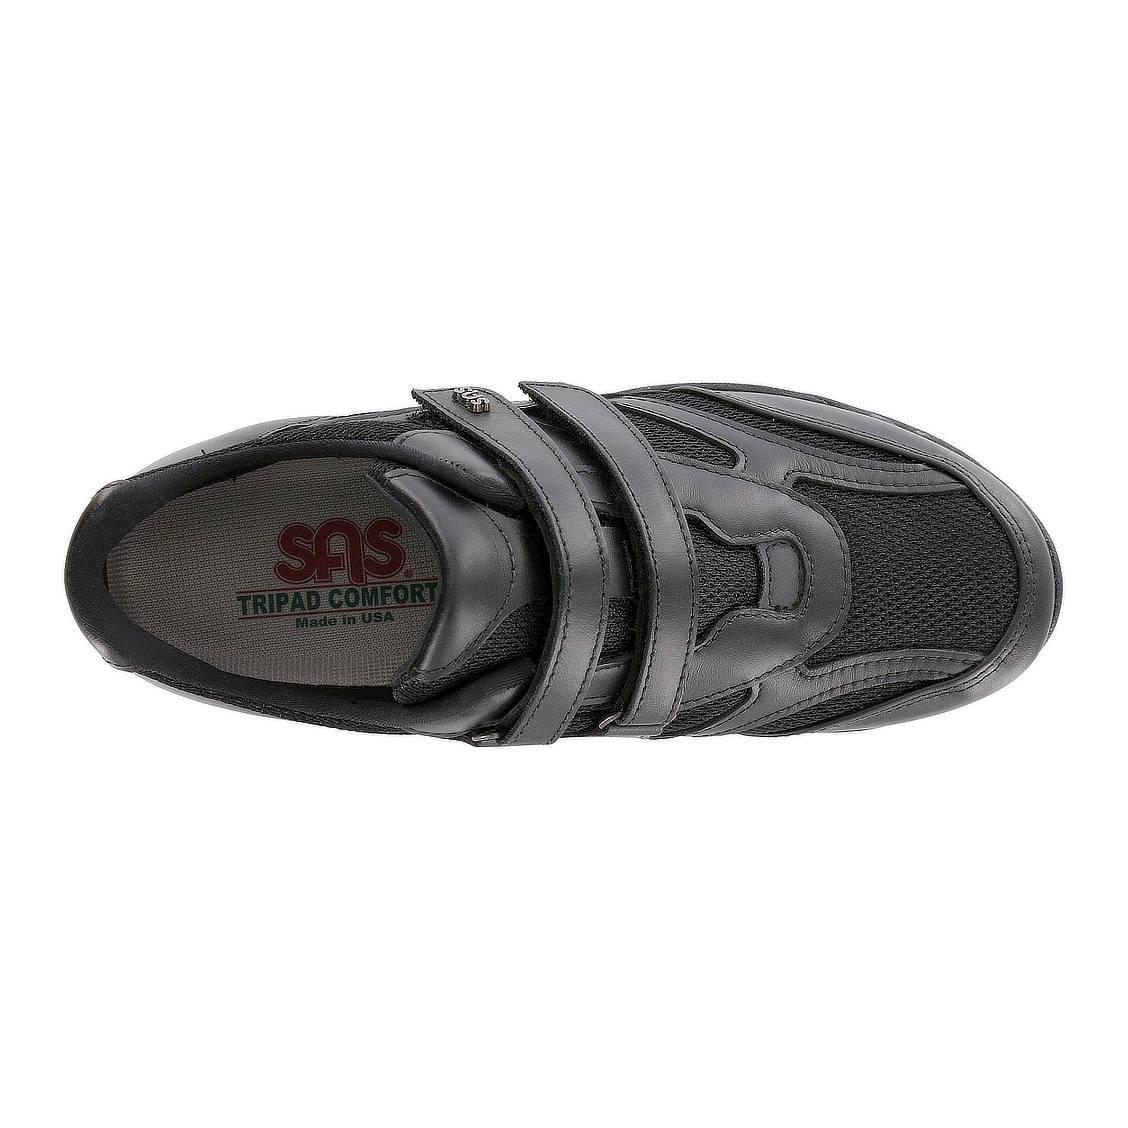 sas-womens-tmv-black-2730-013-3